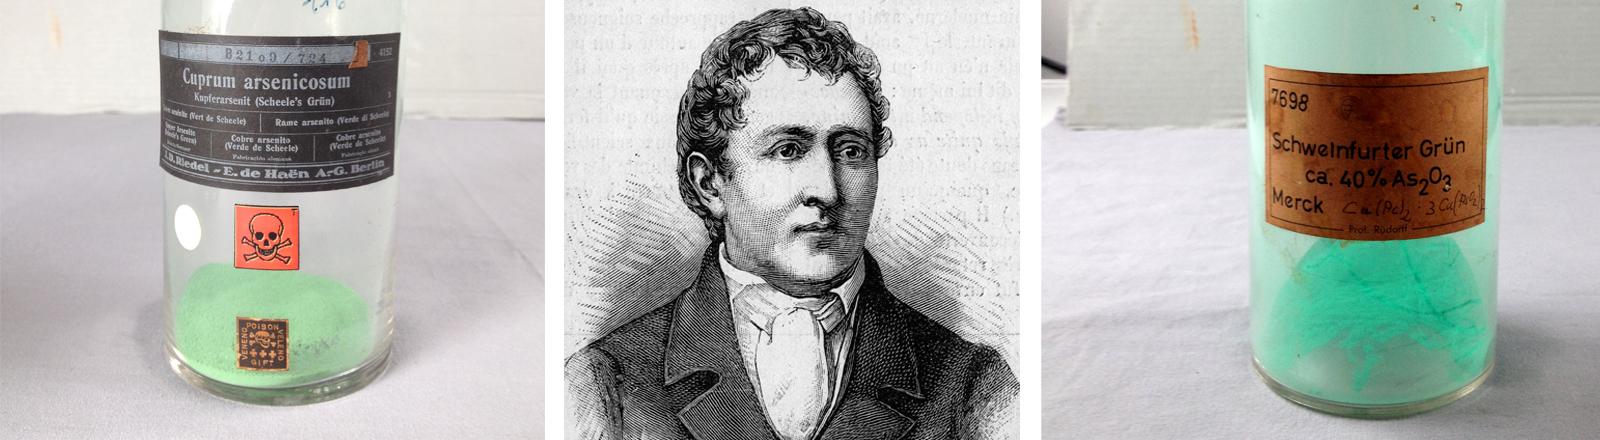 Ein Stich auf dem Carl Wilhelm Scheele zu sehen ist. Zwei Glasflaschen, die Grünpigmente enthalten. Auf der einen Flasche klebt ein Totenkopf.